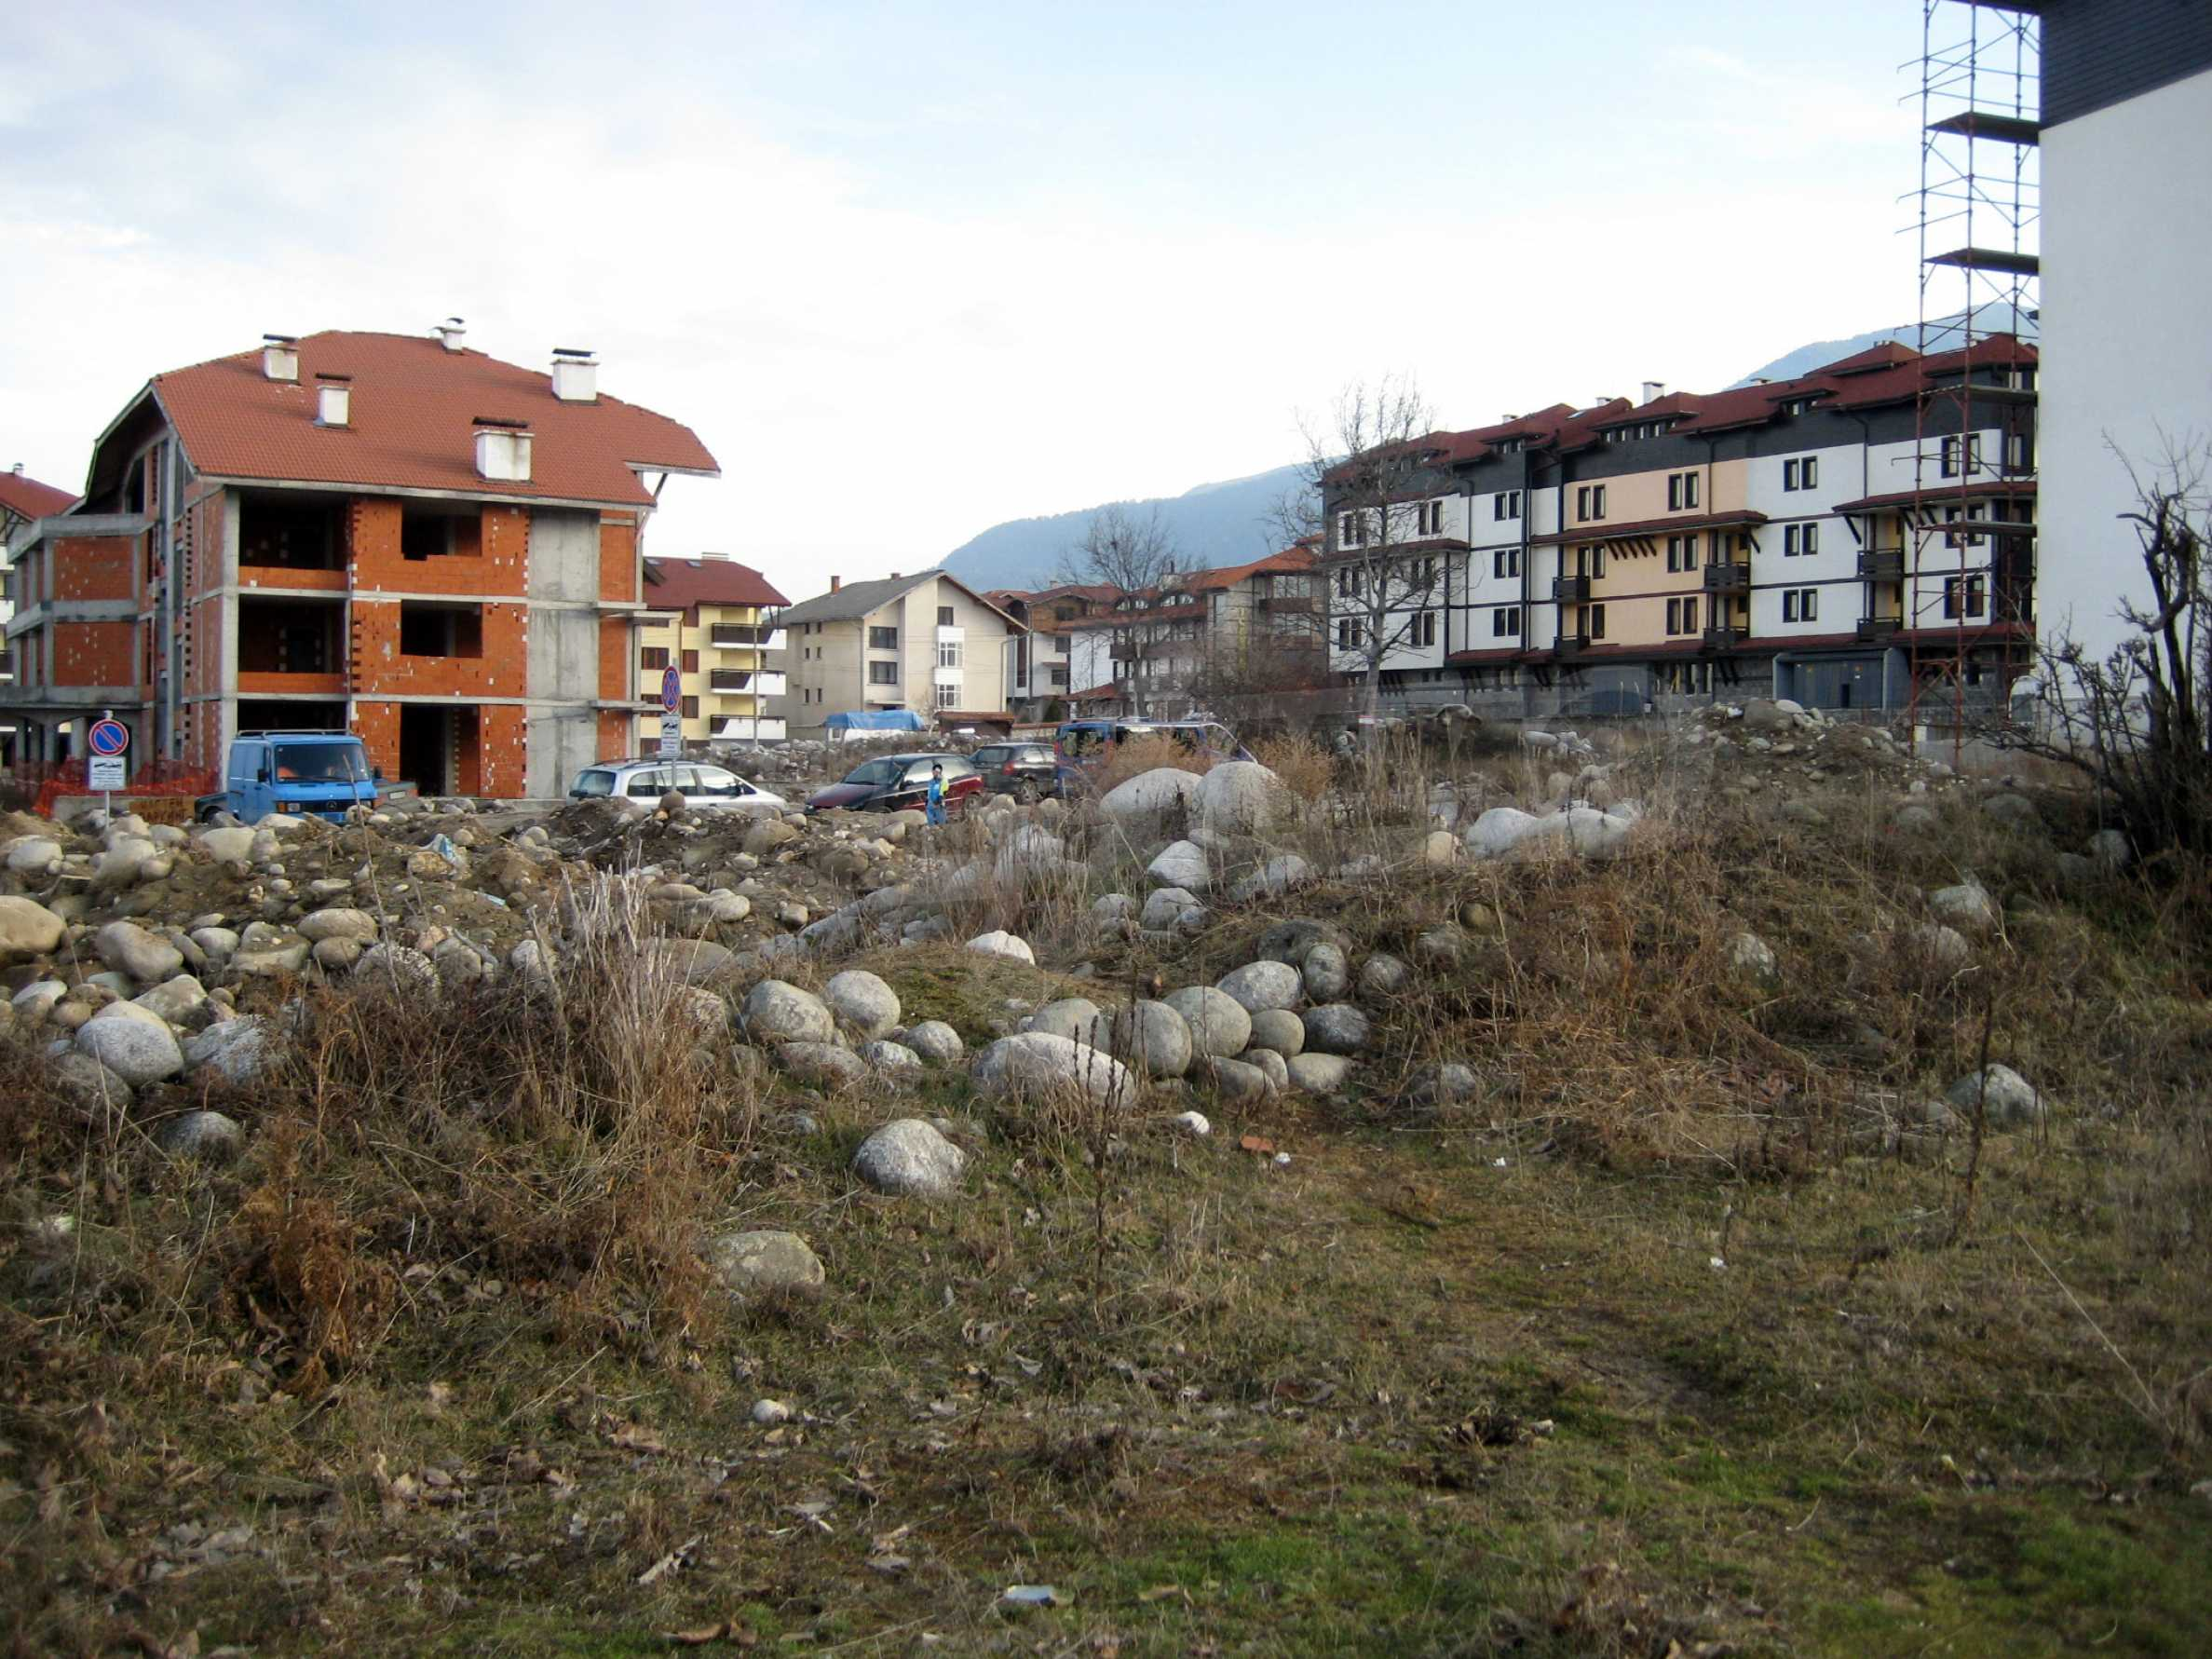 Baugrundstück 400 m vom Kabinenlift in Bansko entfernt 9